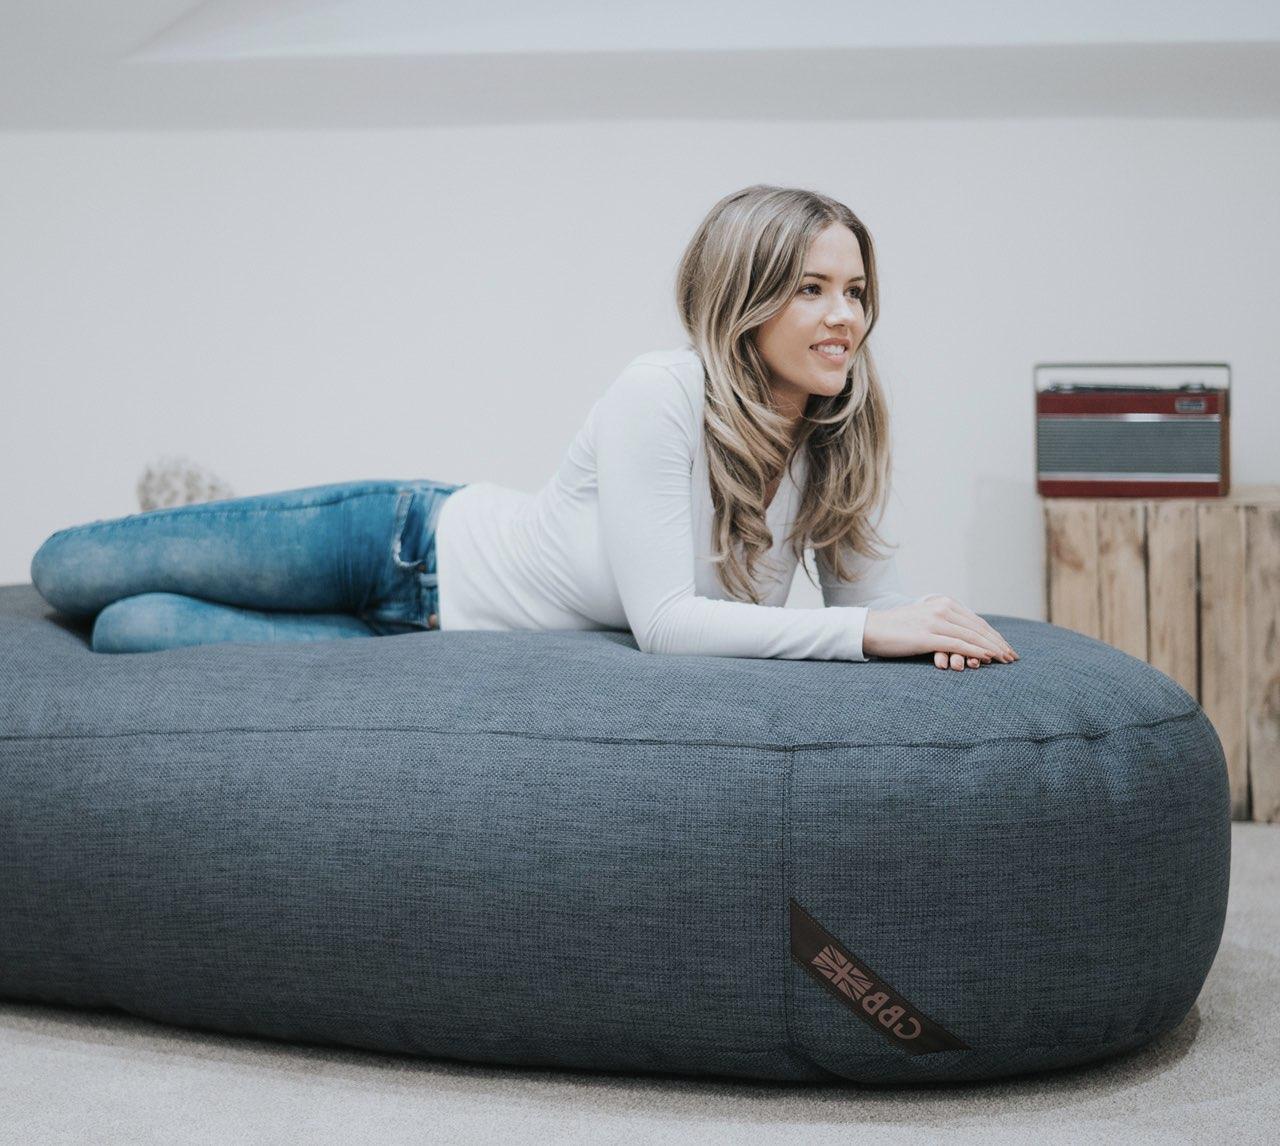 Sofa Bed Bean Bags